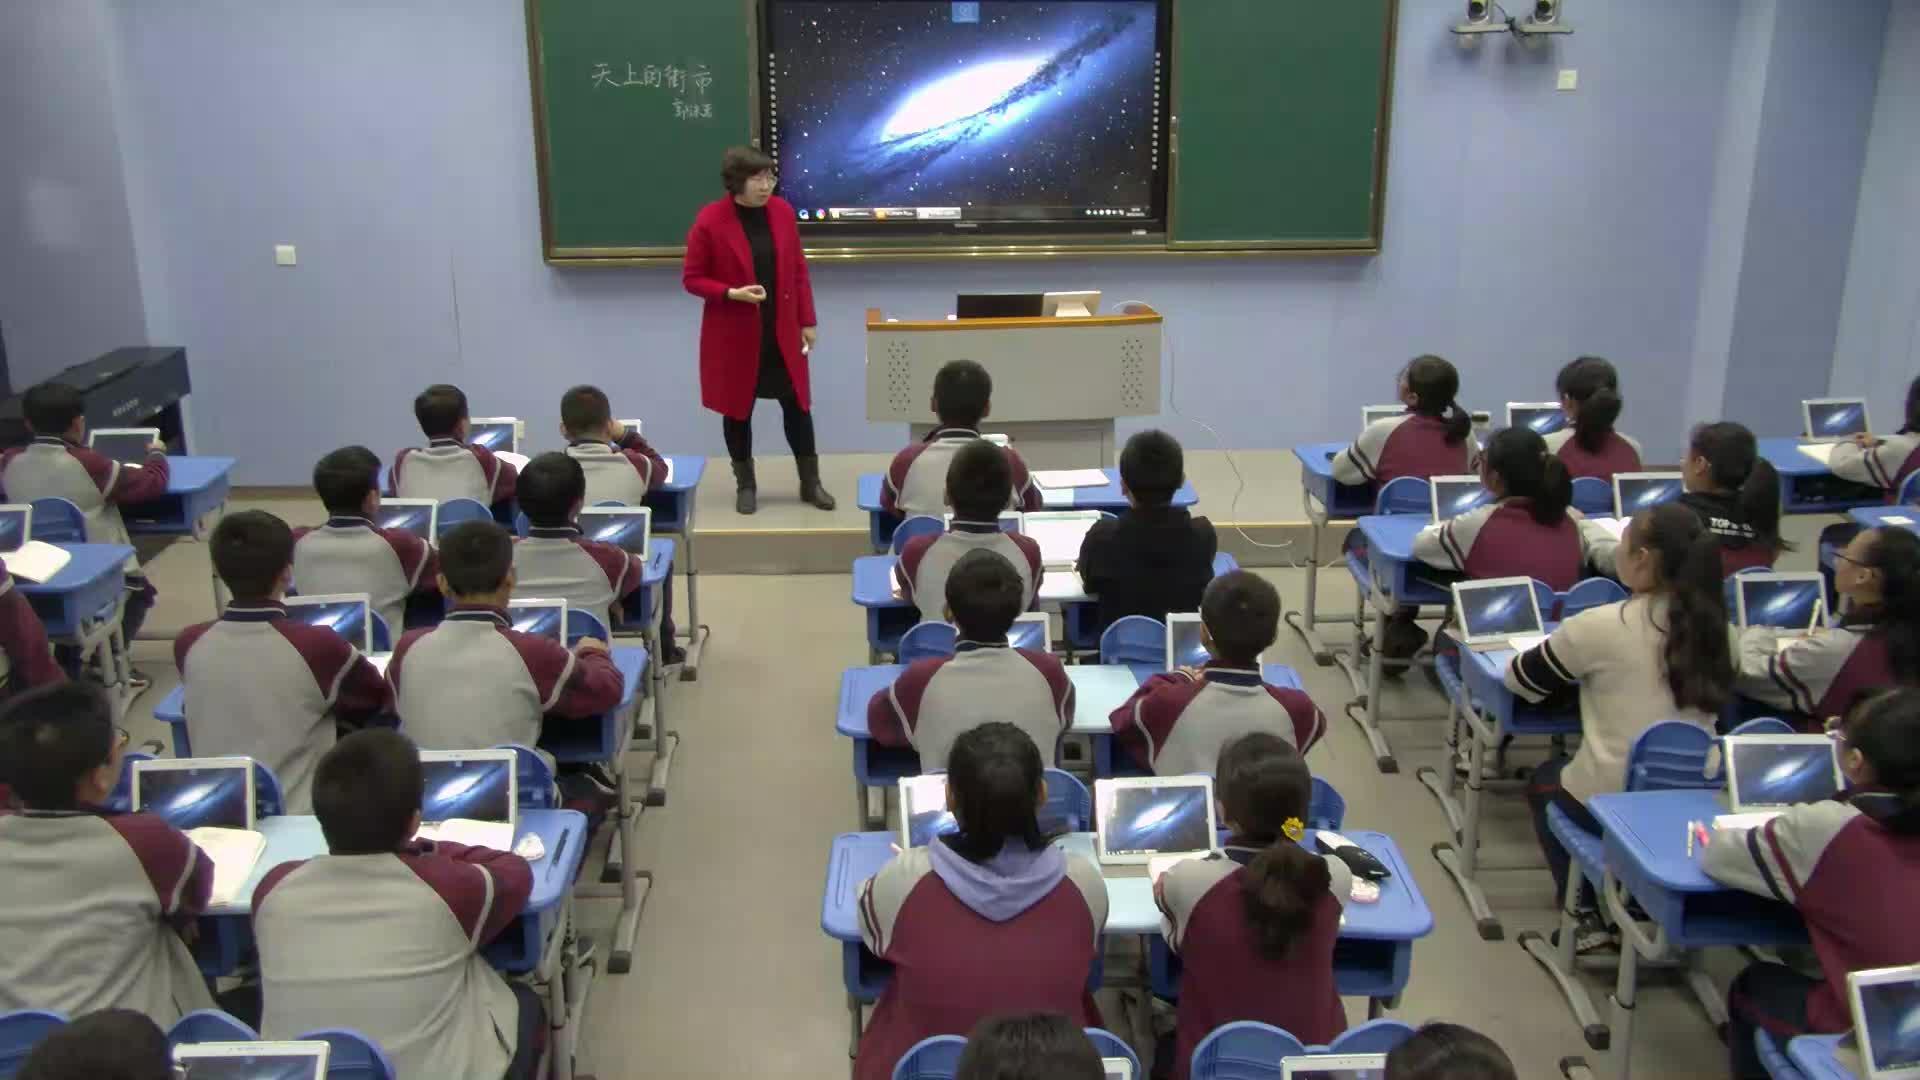 人教版 七年级语文:天上的街市-视频公开课